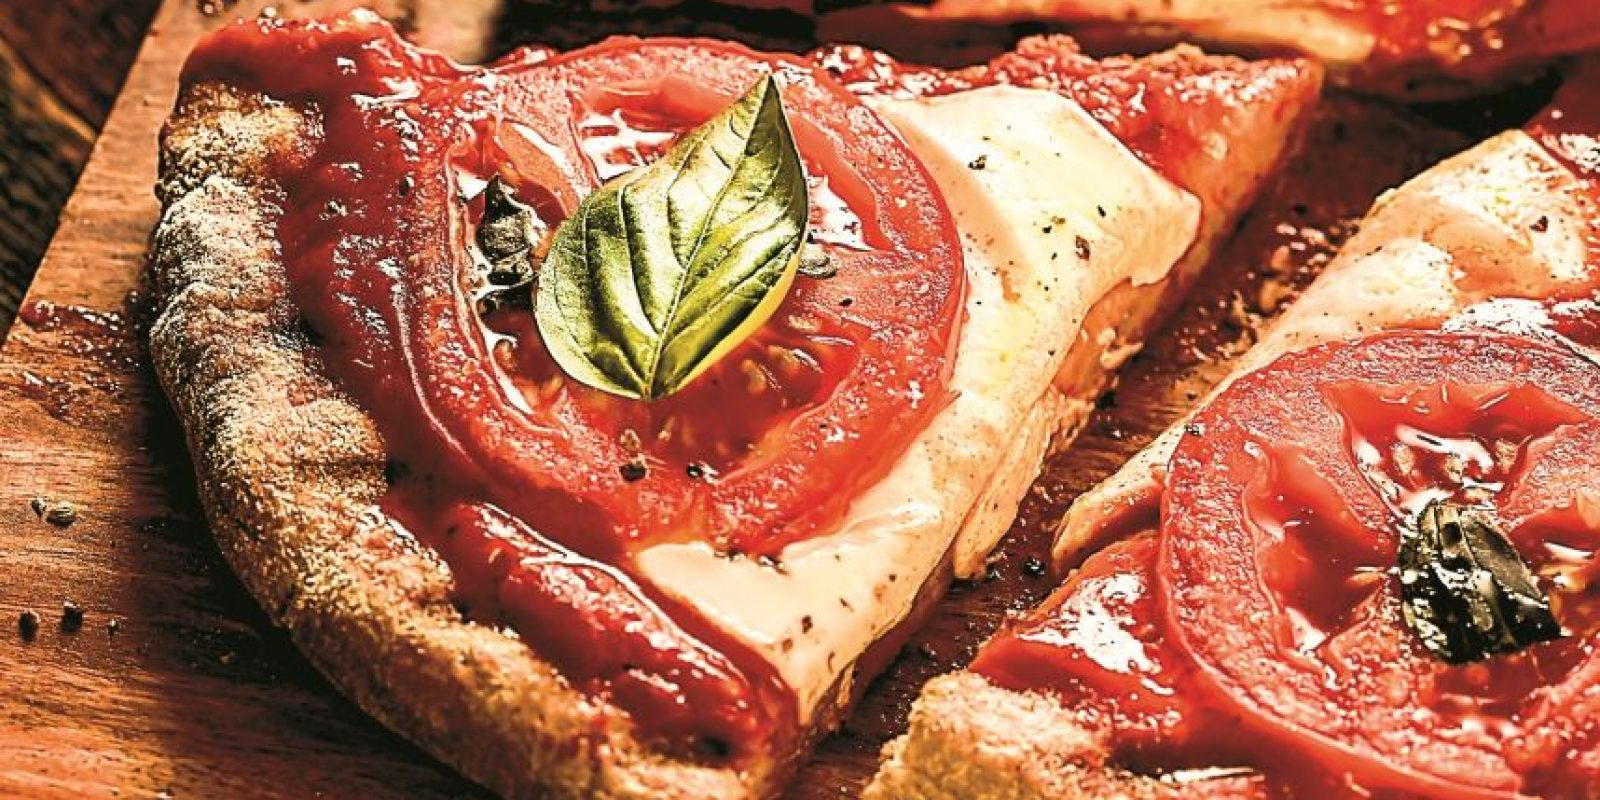 Según datos recopilados, el plato italiano más famoso del mundo es milenario. Foto:Metro